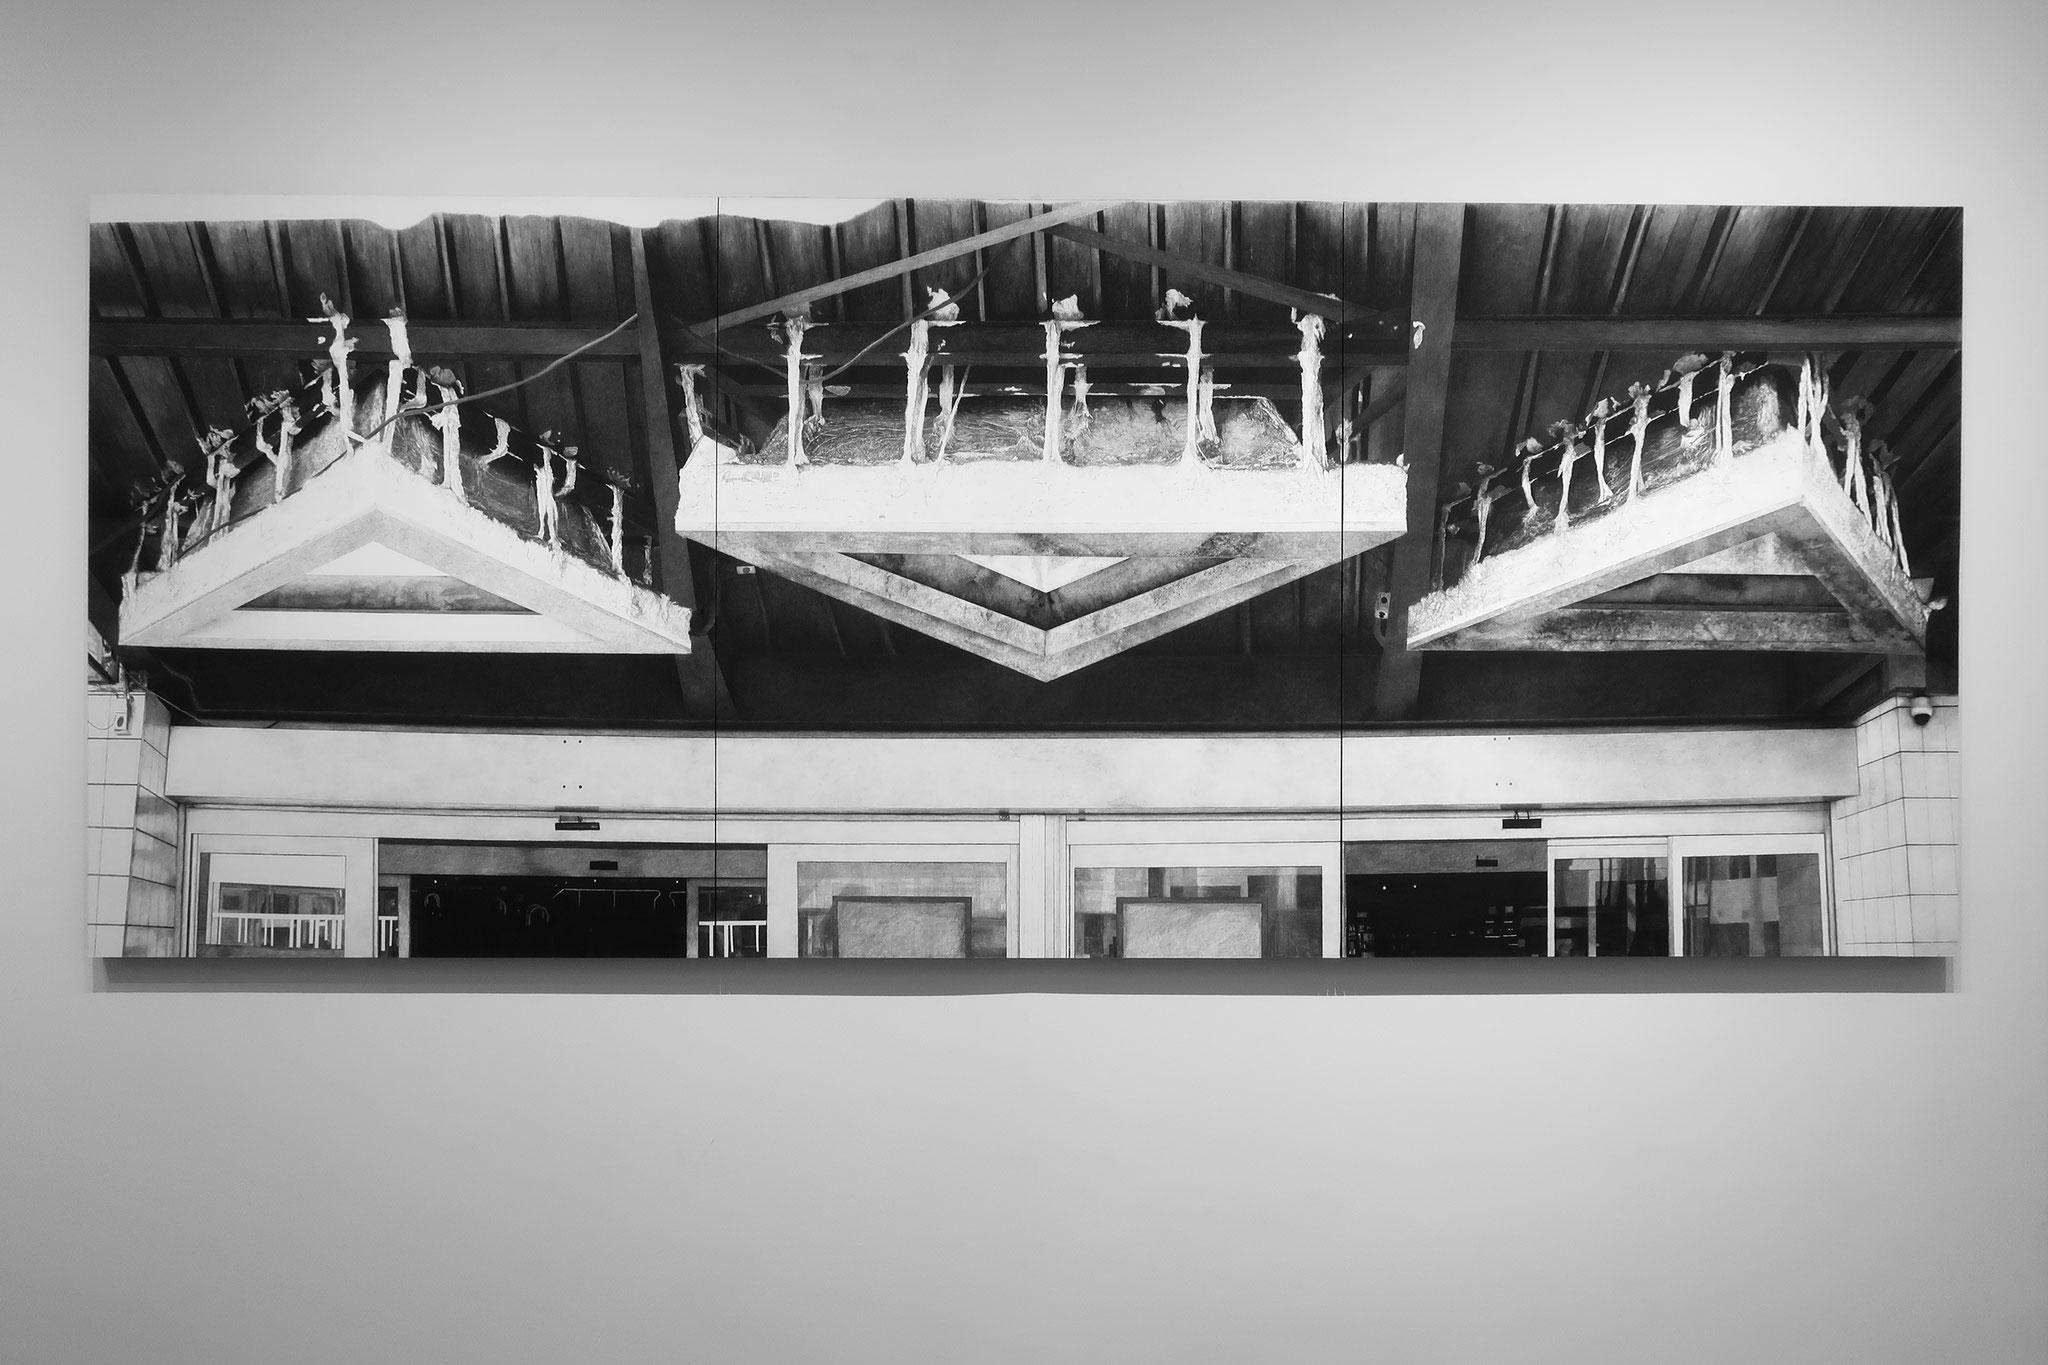 Slow Futur fusain et pierre noire sur papier marouflé monté sur châssis, 273 x 112 cm, 2018